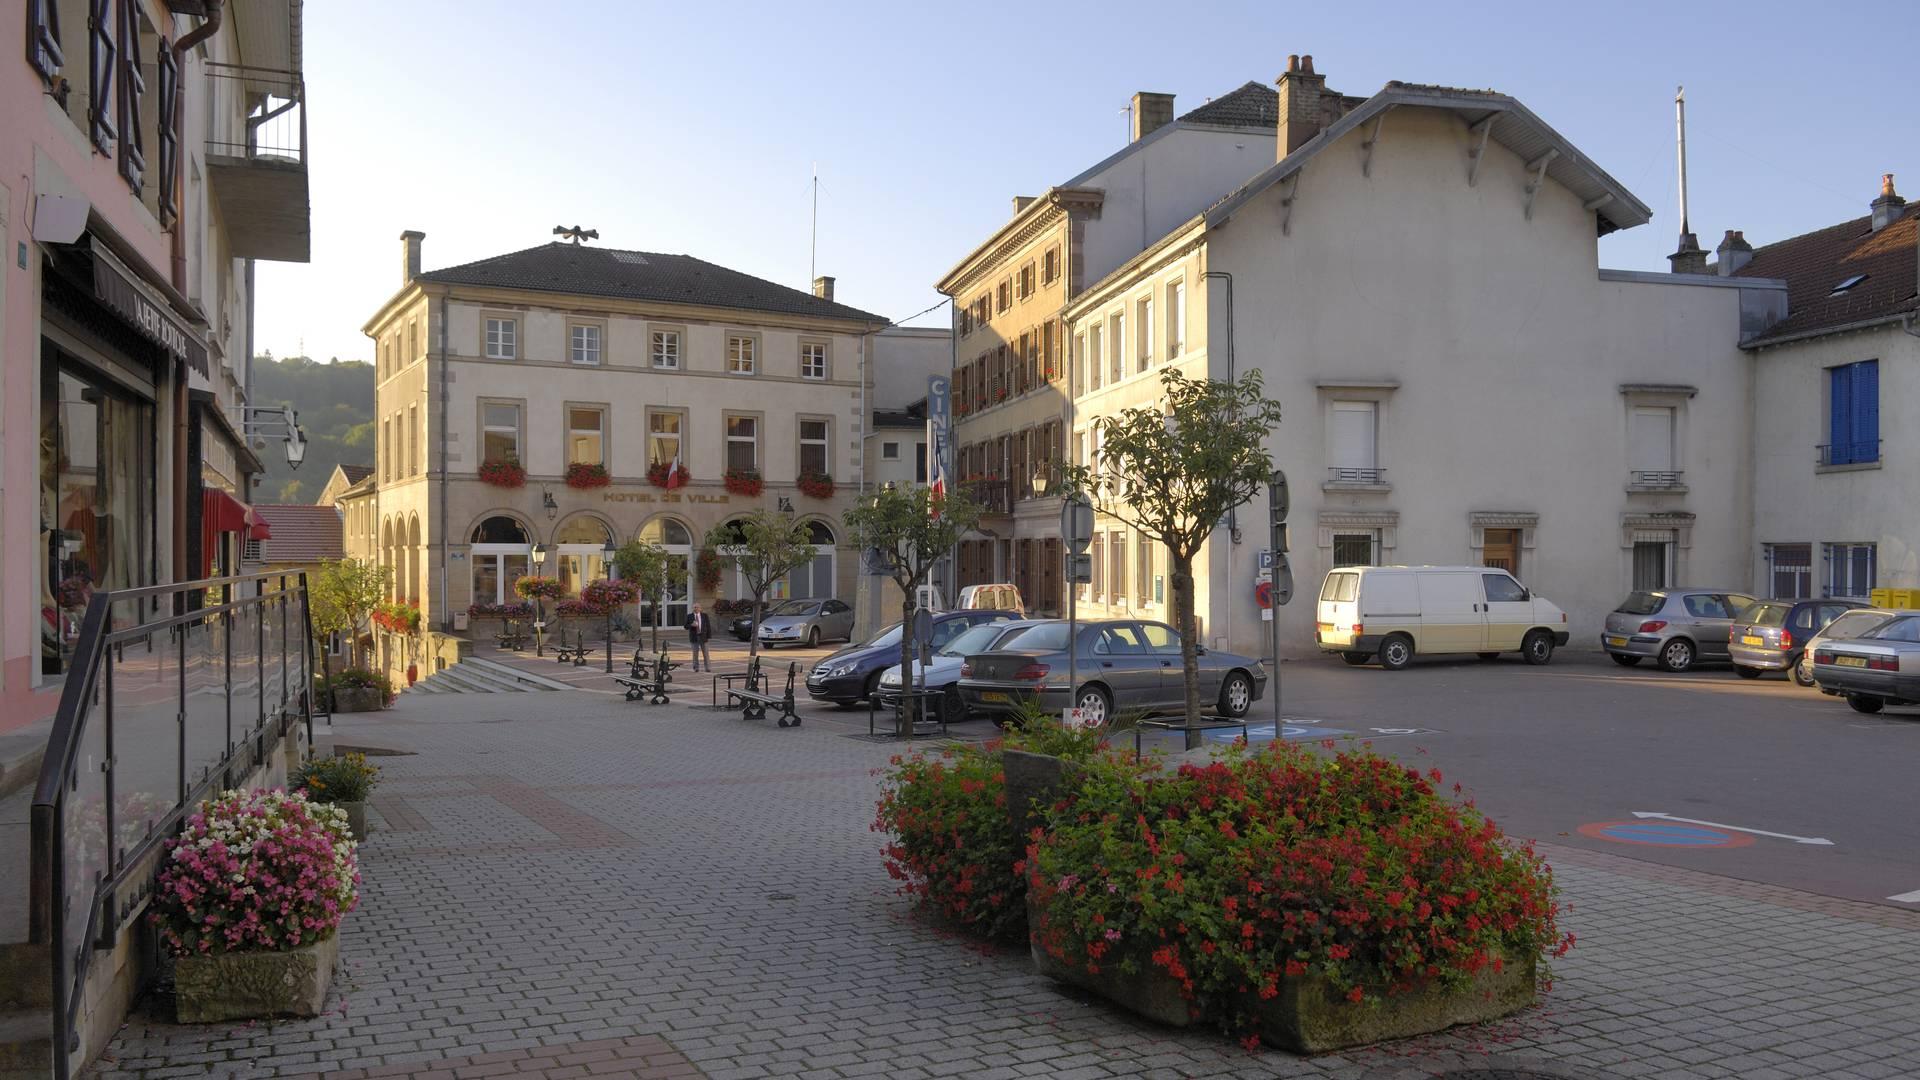 Thermes de Bains-les-Bains - Soins SPA - Bien être - Cure thermale Vosges - Bains les Bains